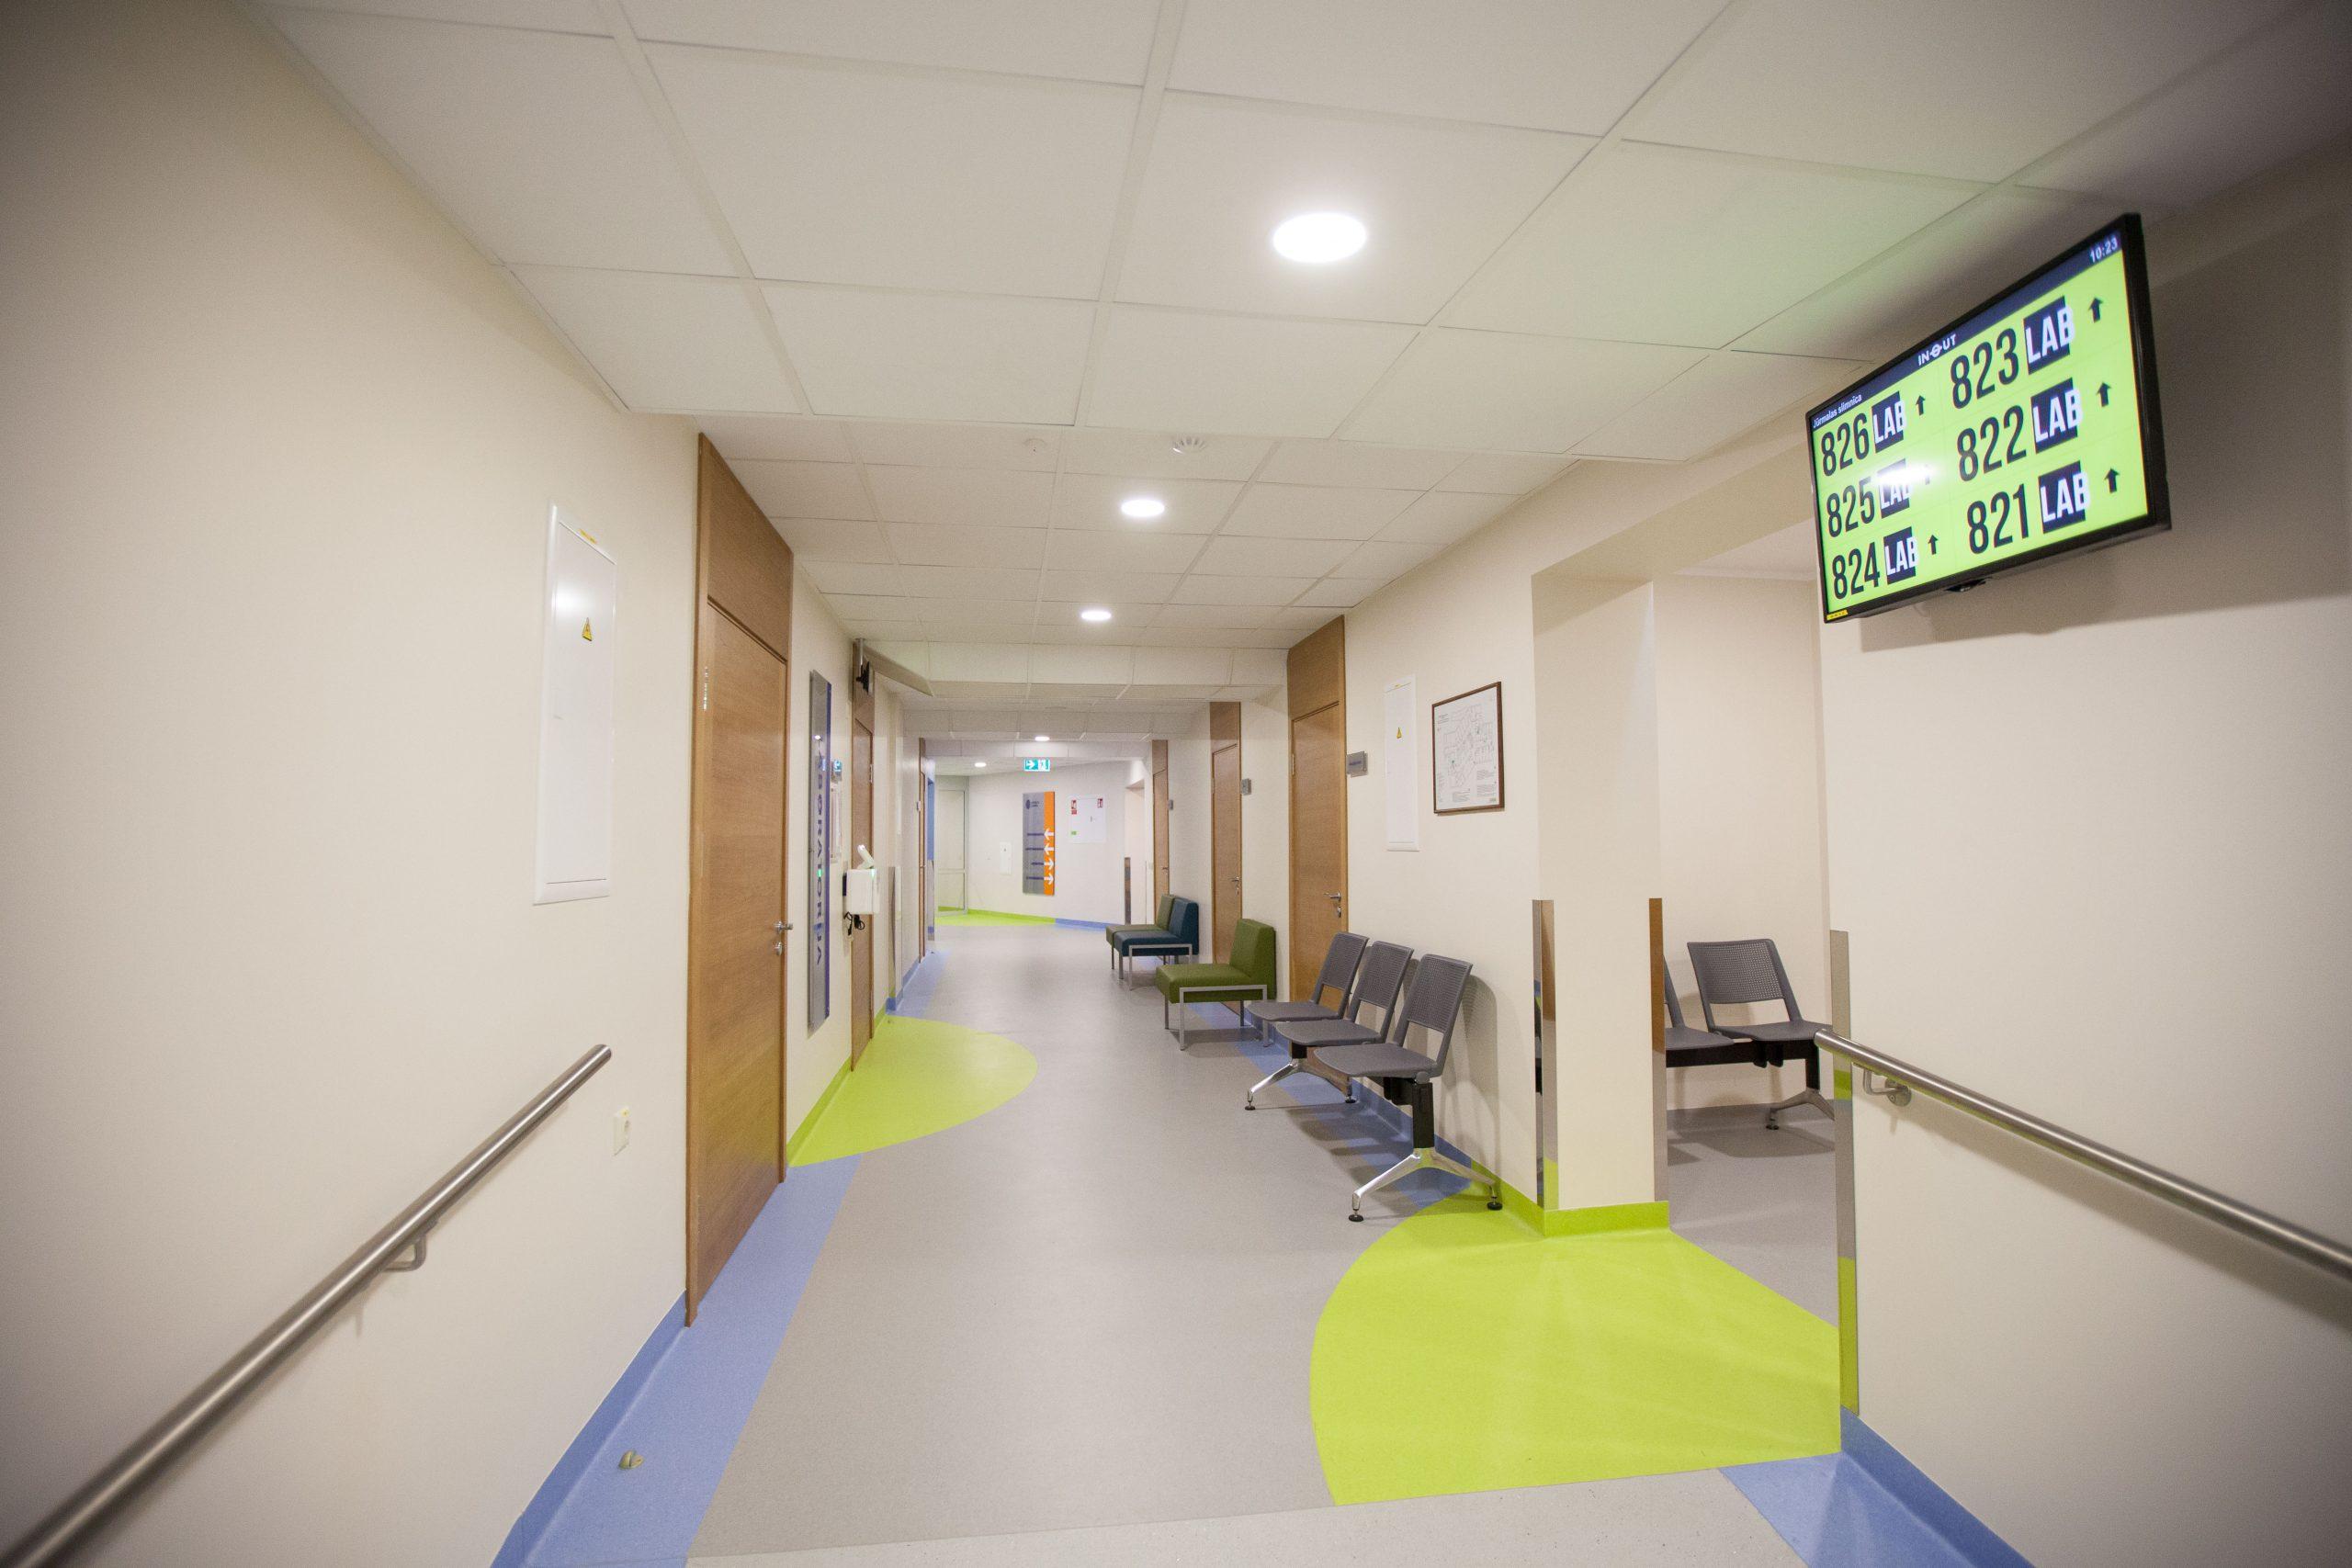 SIA Jūrmalas slimnīca drīzumā uzsāks apjomīgus 2.stāva pārbūves darbus